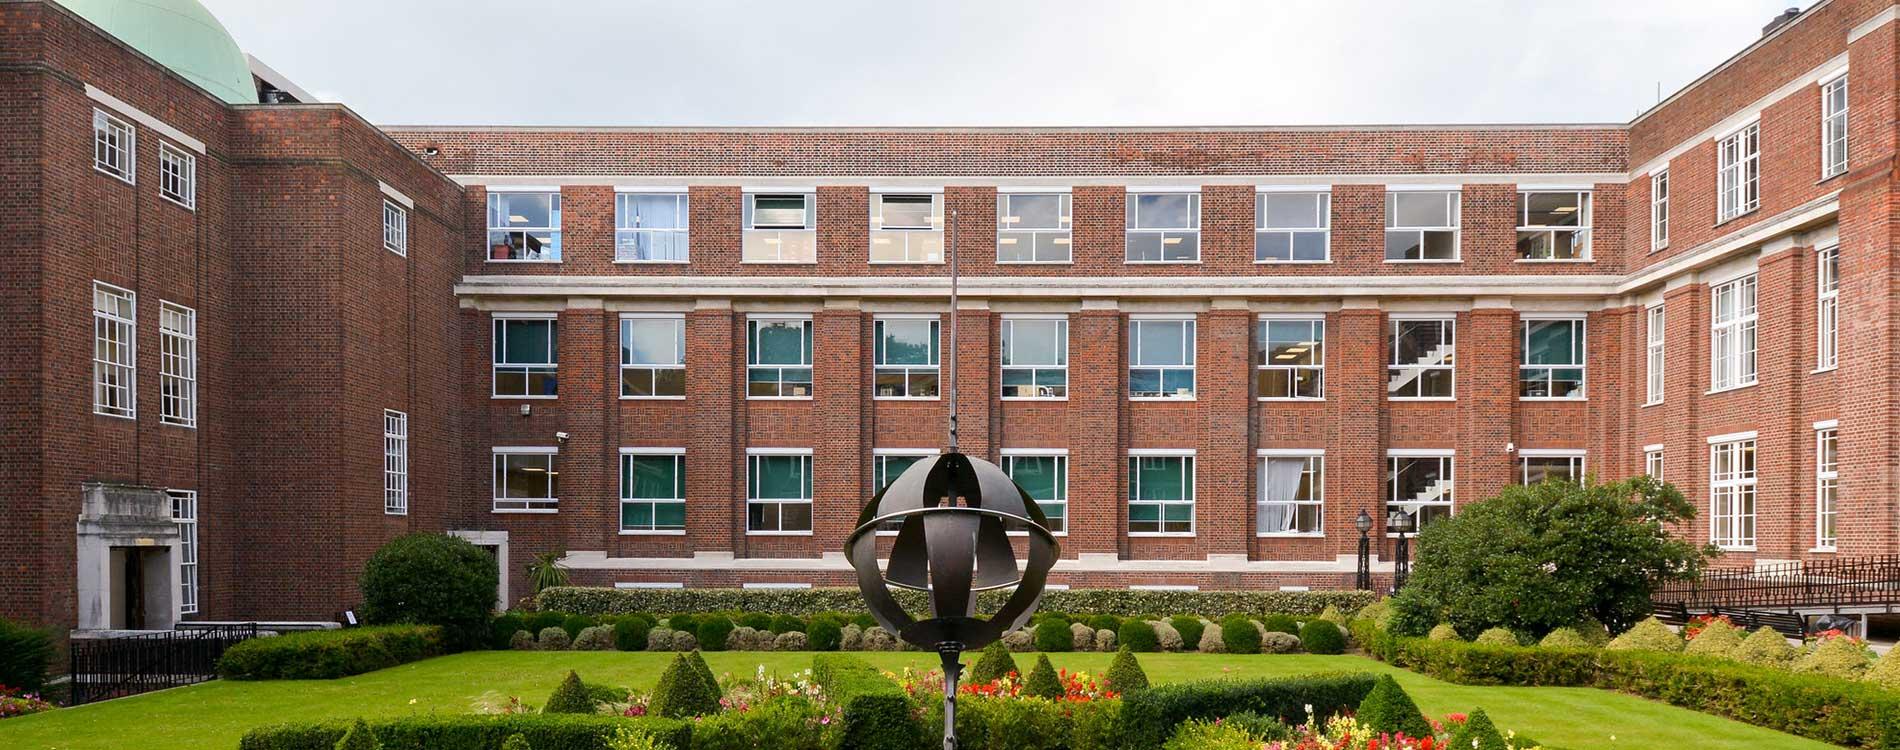 Façade-Renovation-Project-at-regents-university on a sunny day